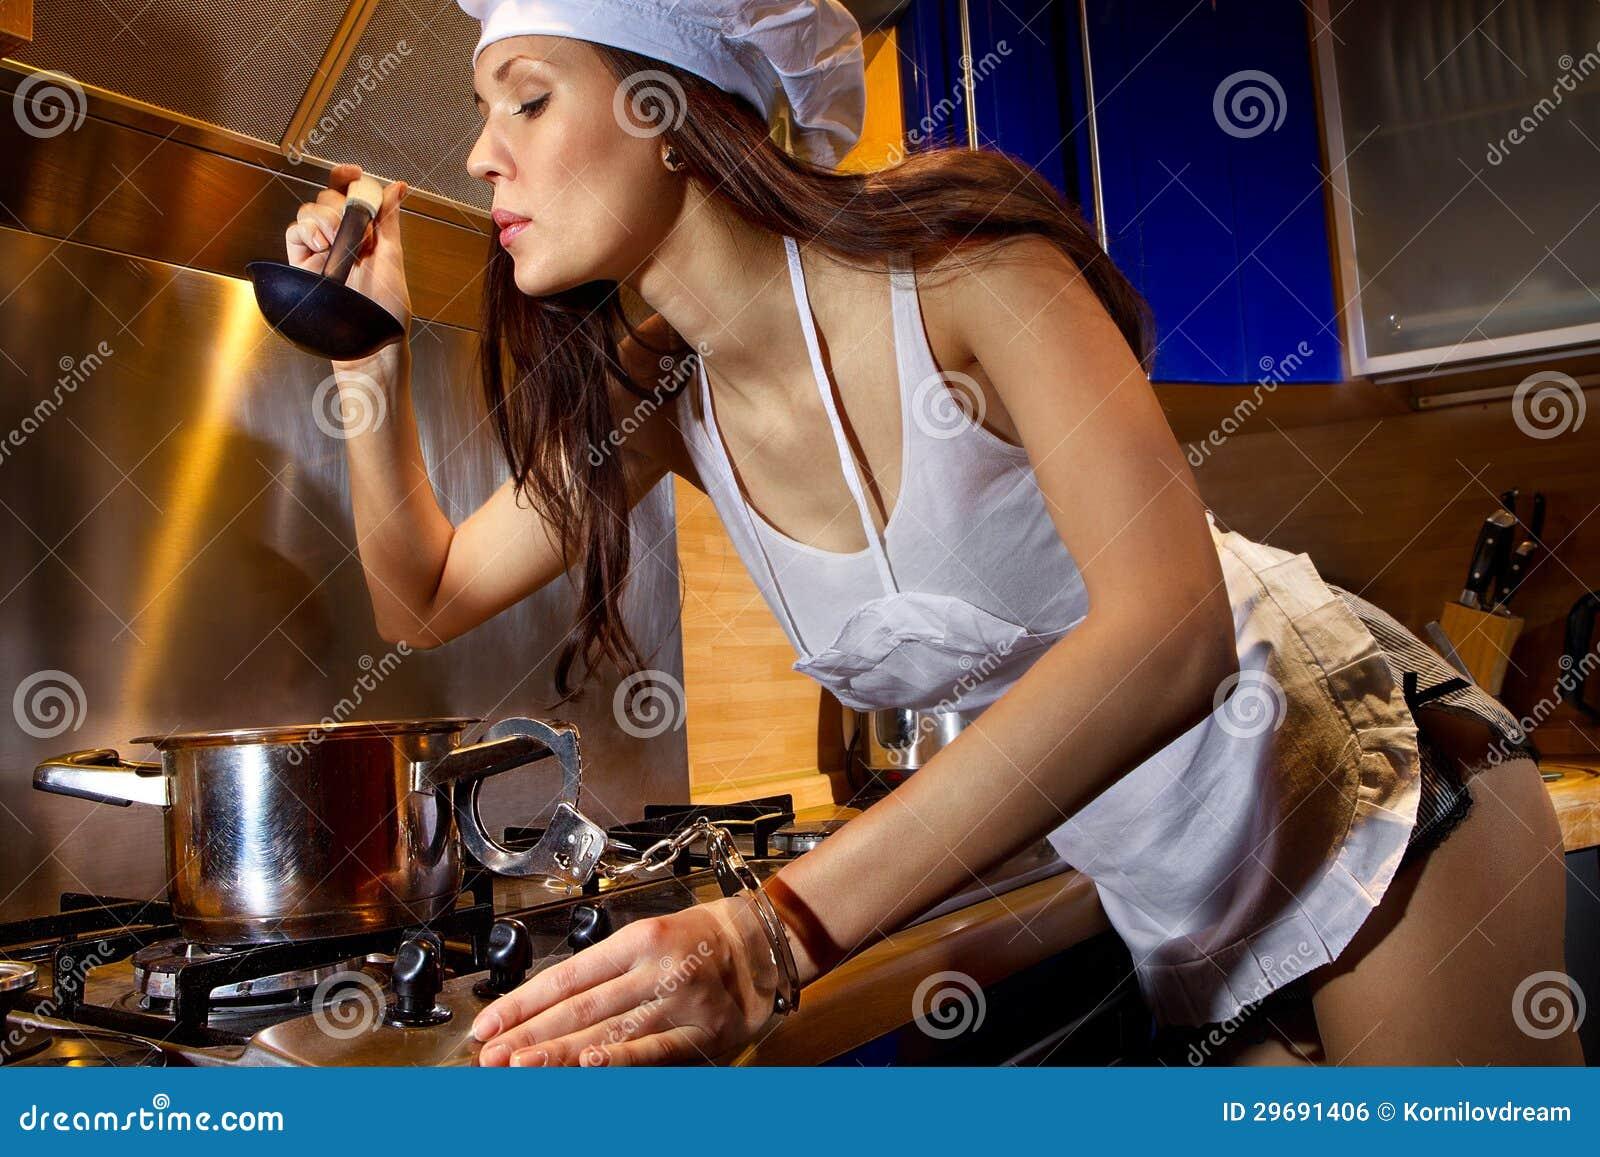 hostage of kitchen royalty free stock image image 29691406. Black Bedroom Furniture Sets. Home Design Ideas